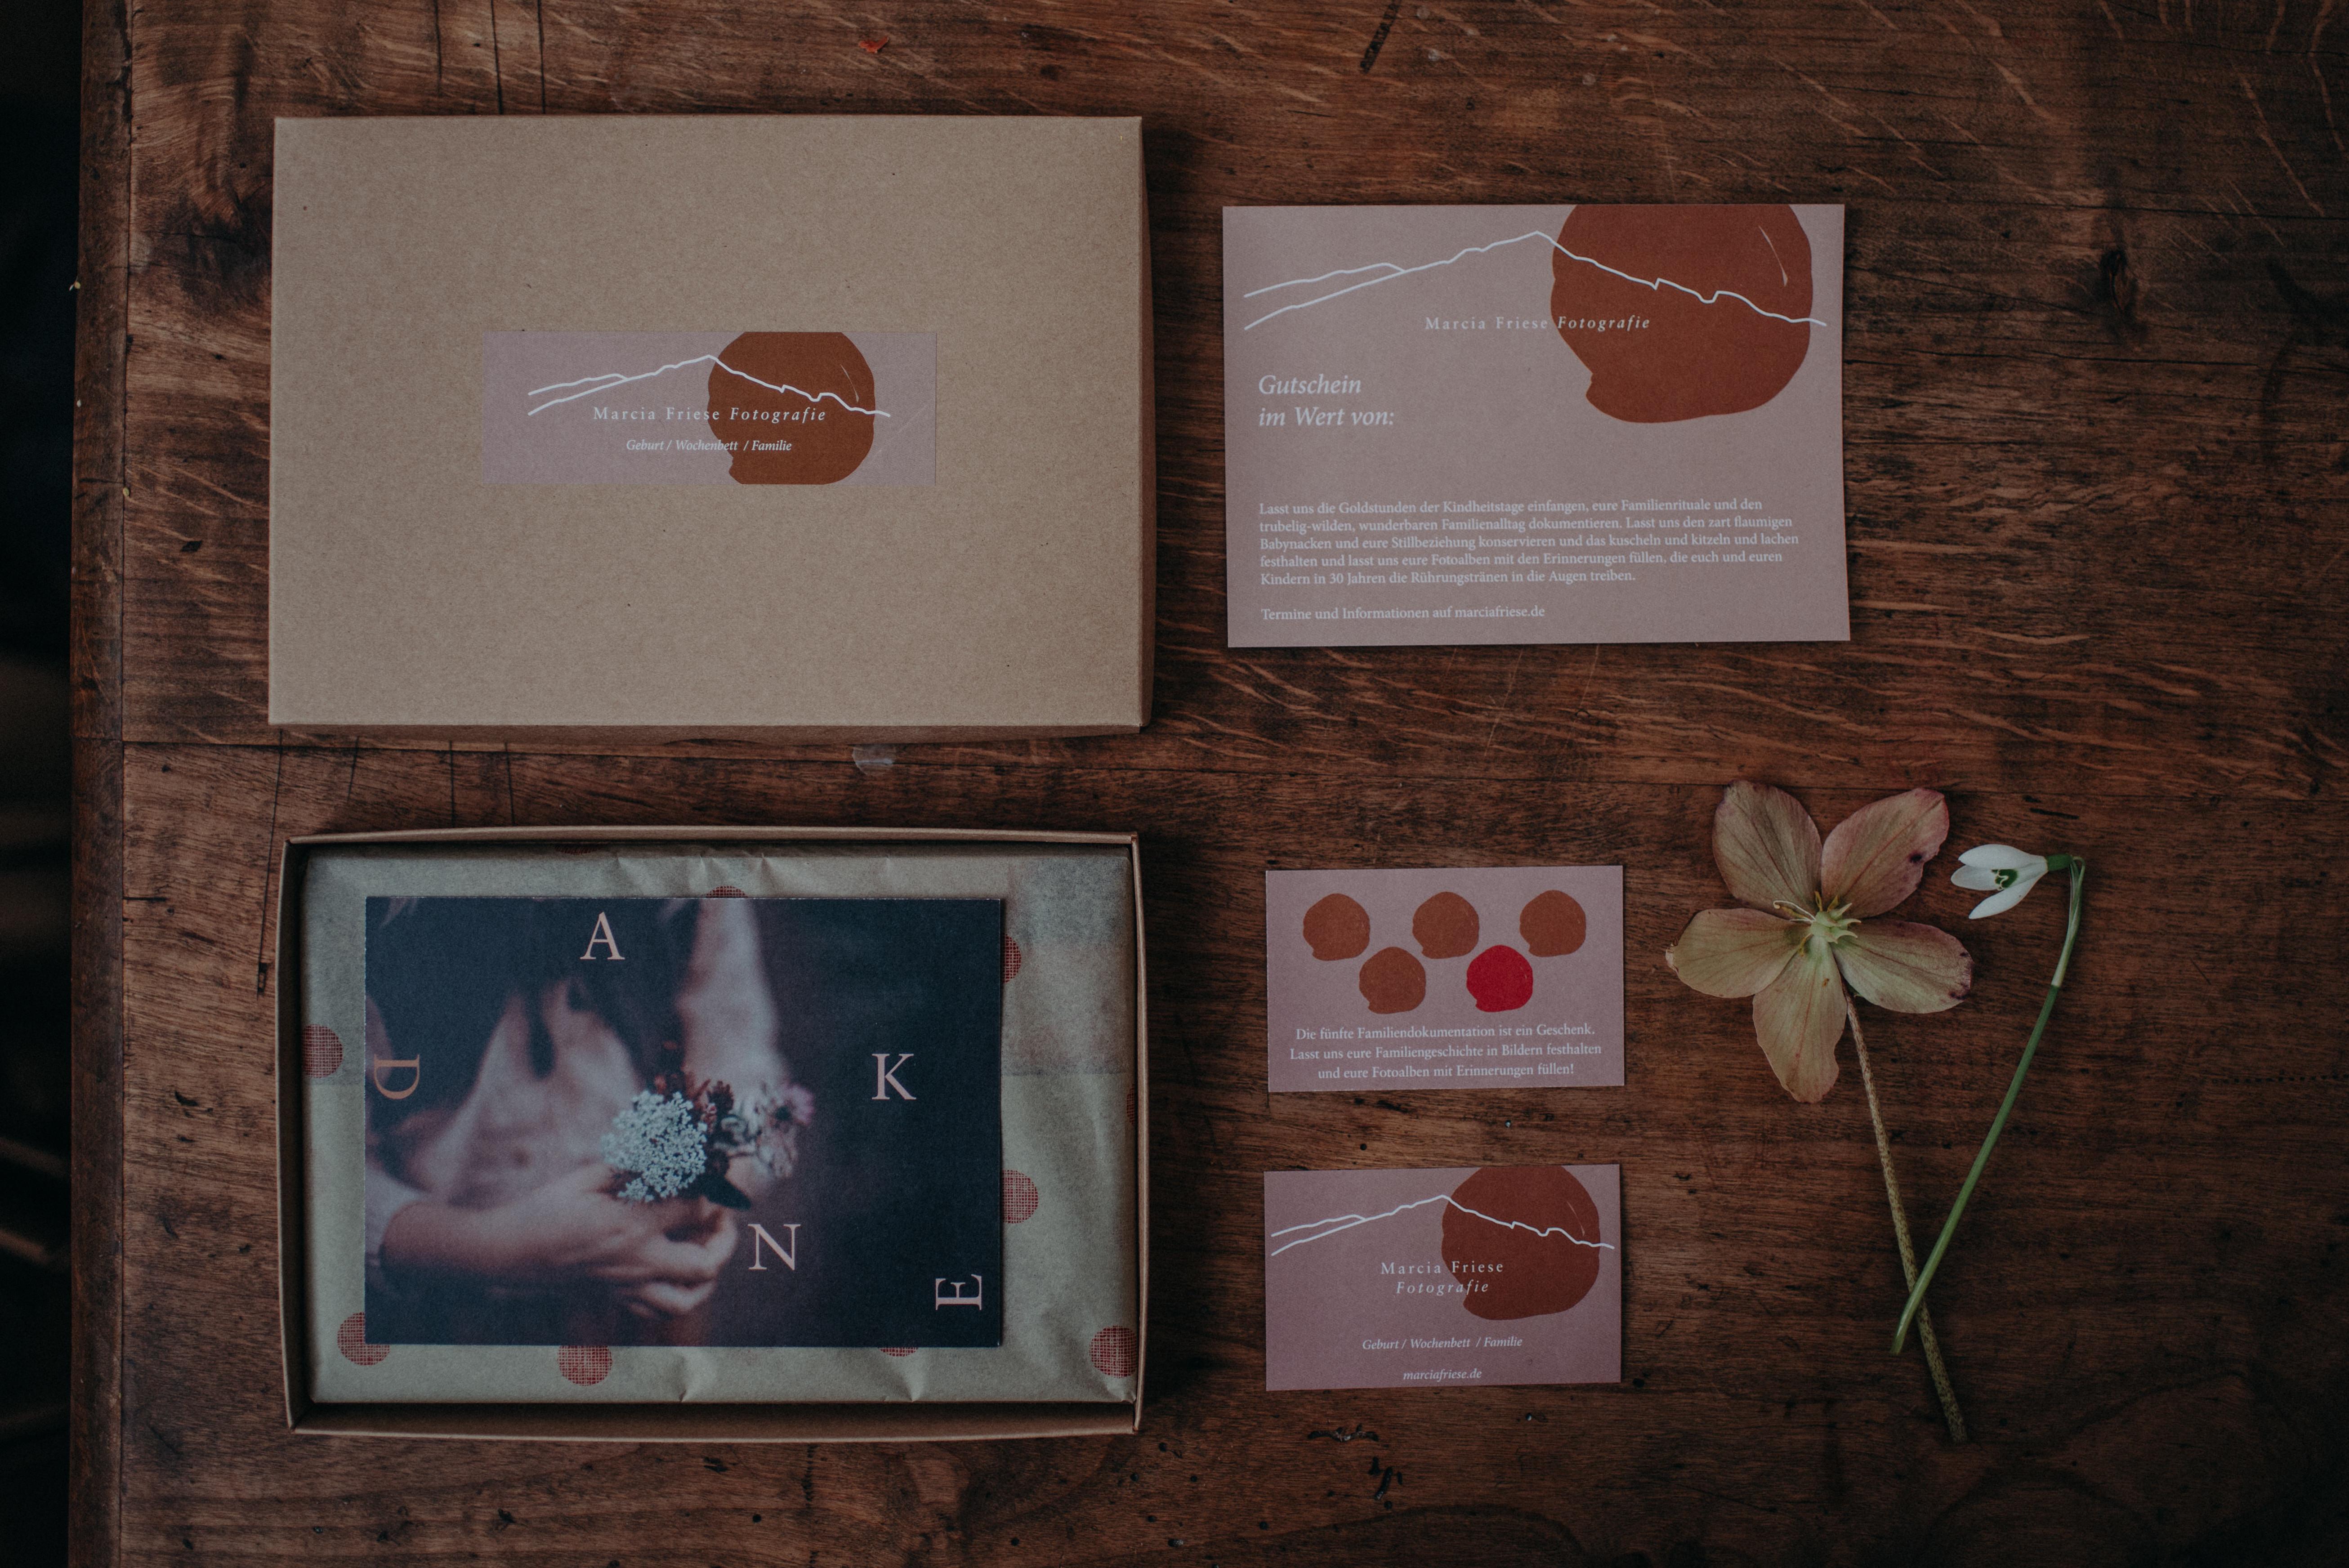 Kundengeschenke Fotograf Visitenkarte Verpackung Gutschein Fotograf